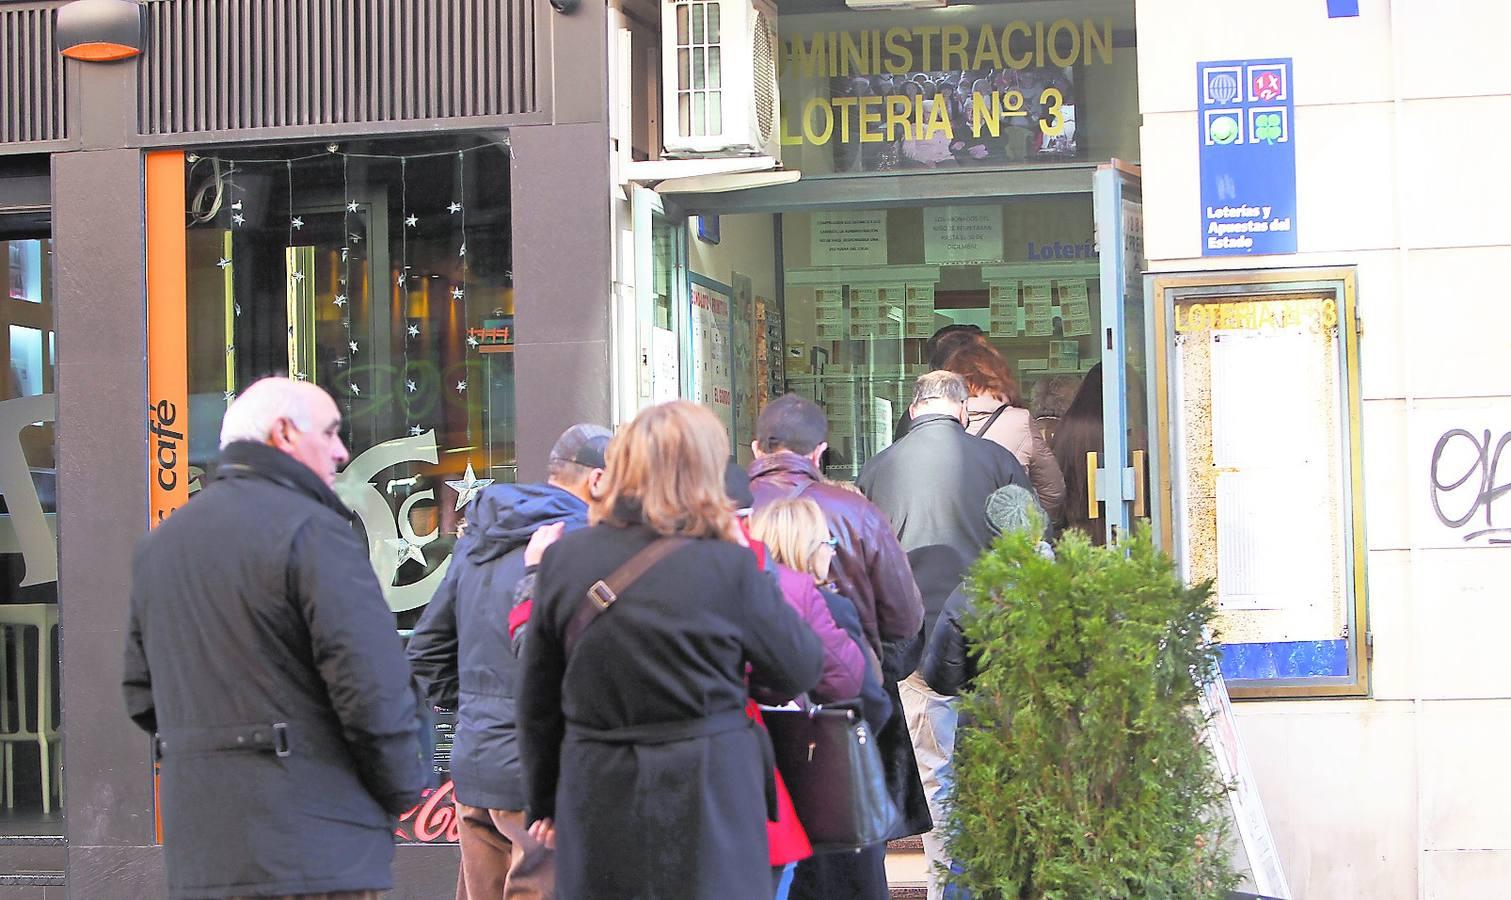 Cada palentino juega 24 euros en la Lotería del Niño, el doble que la media nacional